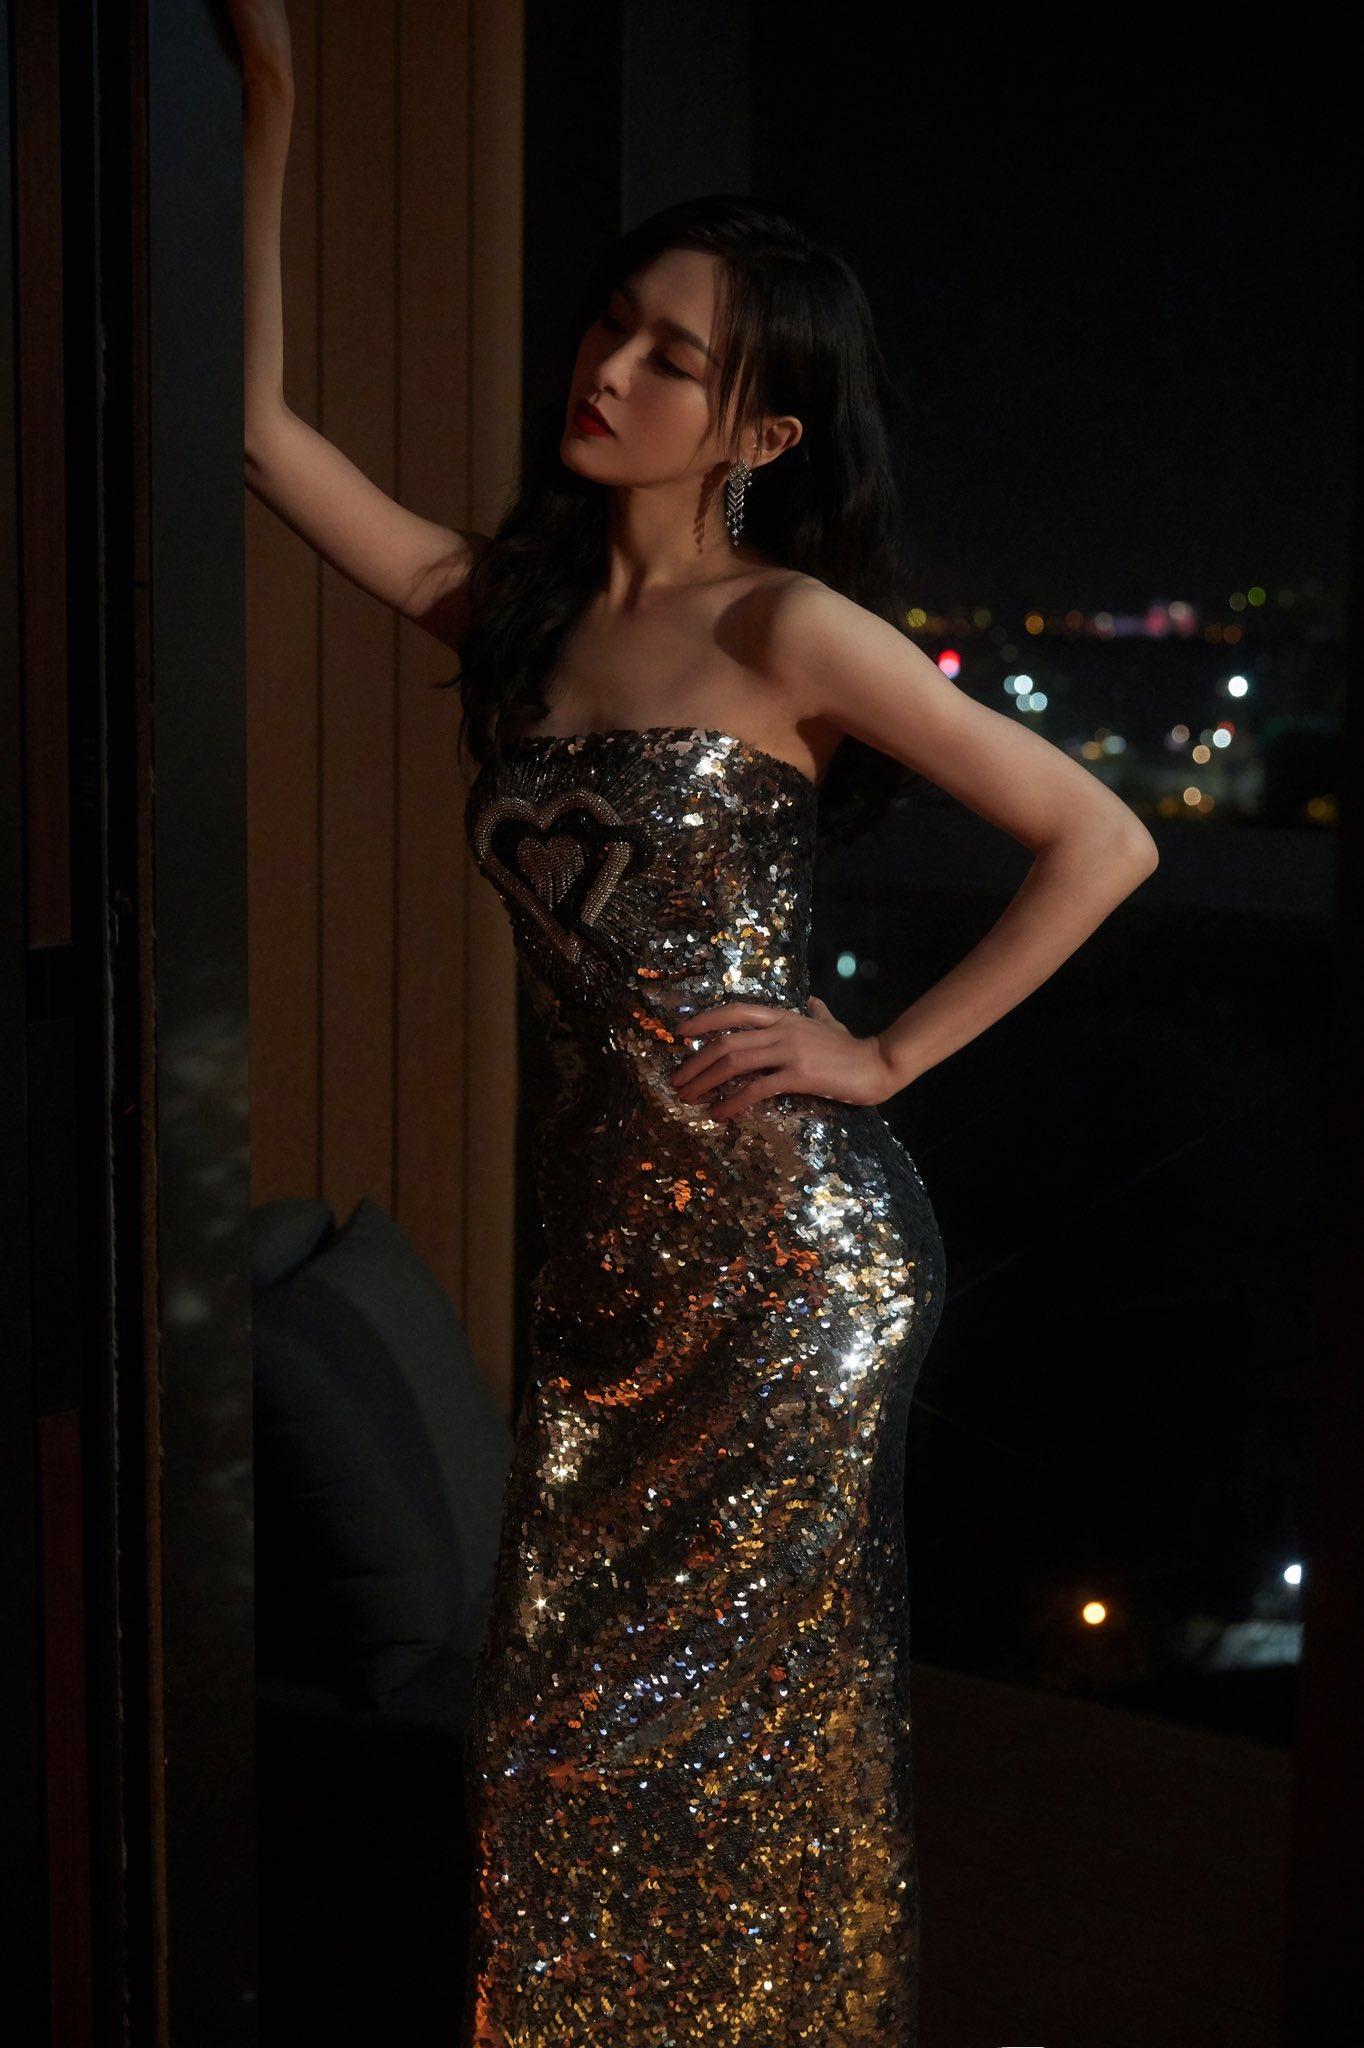 Mỹ nhân Cbiz khoe sắc trong đầm ánh kim: Dương Mịch kiêu sa, Lệ Dĩnh 'xịn' đét 8